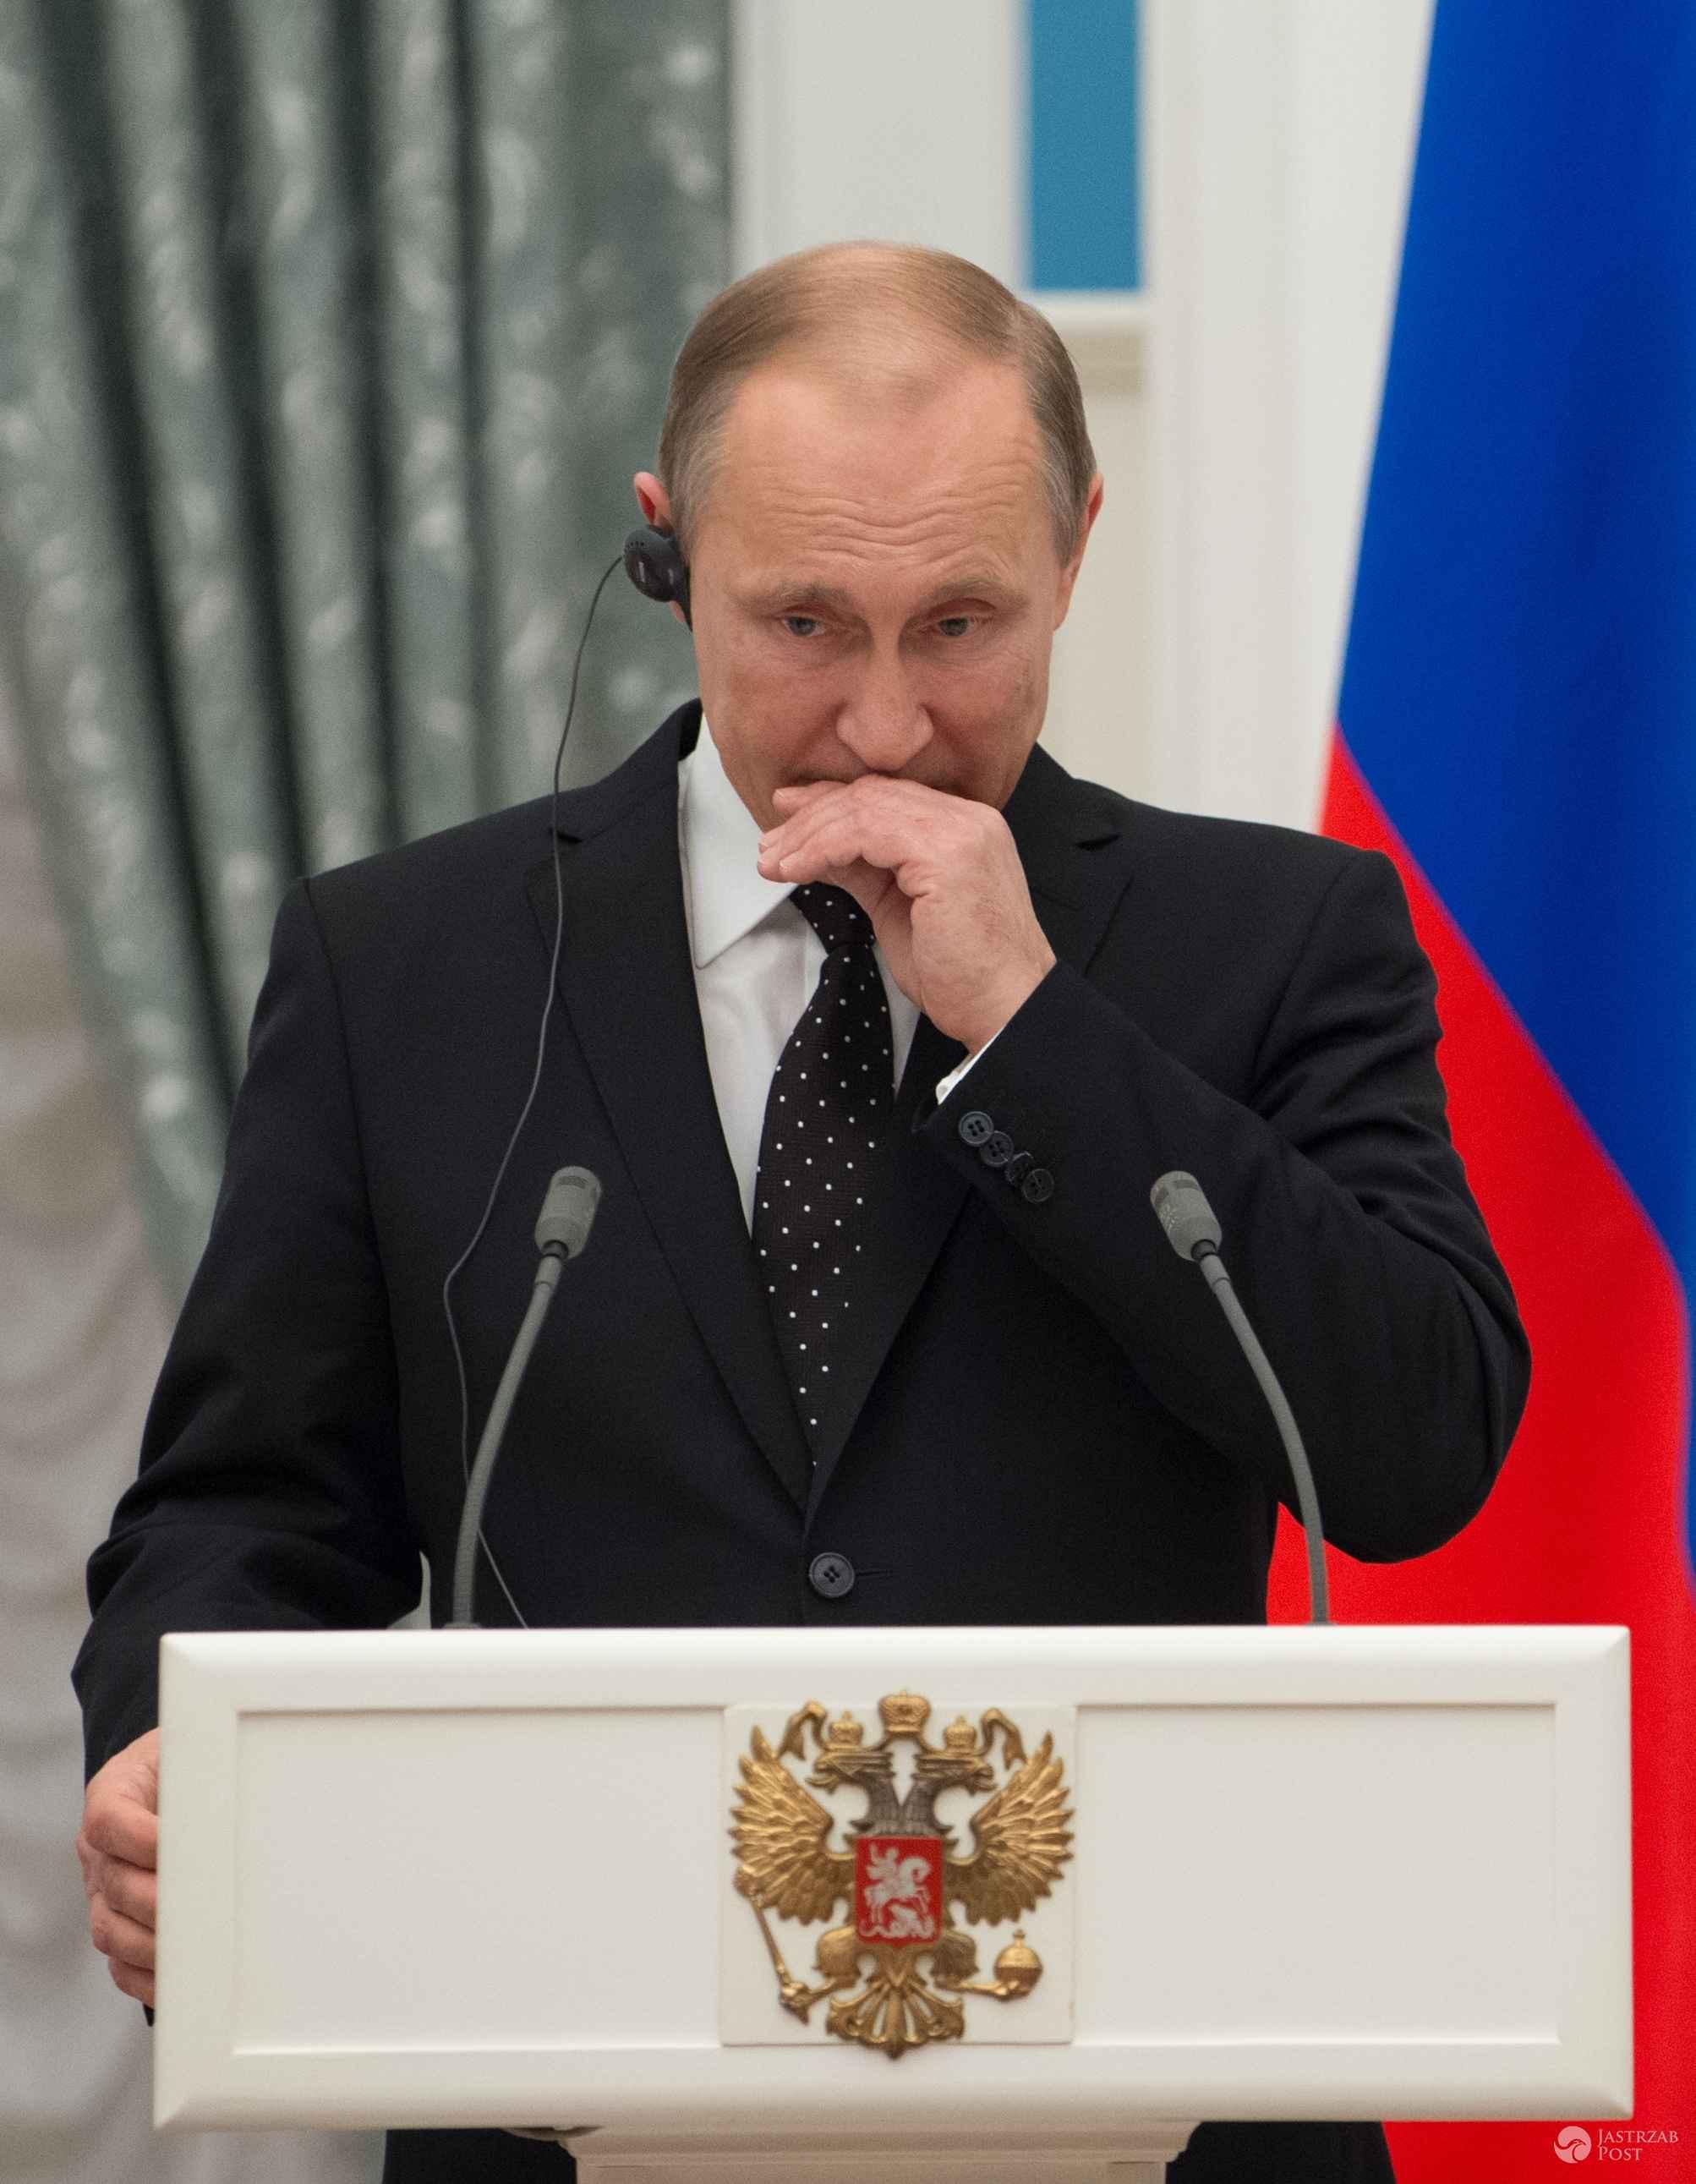 Niemiecki hotel odmówił apartamentu Władimirowi Putinowi